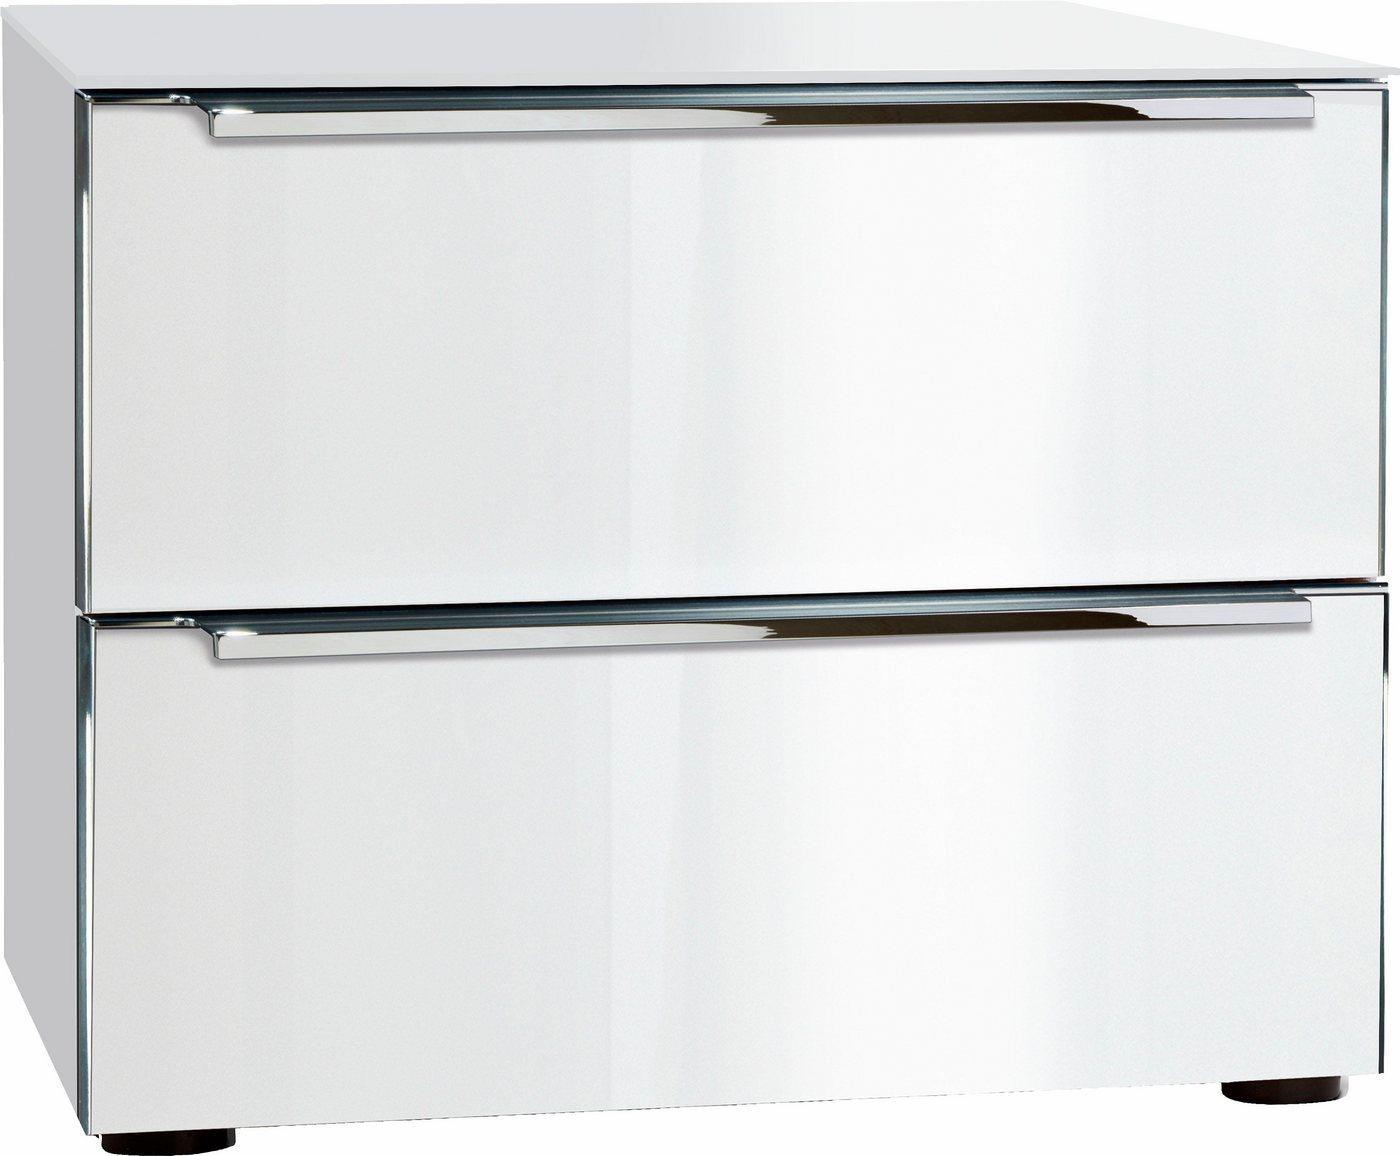 nolte® Möbel Nachttisch»Alegro Style«, Breite 50 cm | Schlafzimmer > Nachttische | Weiß | nolte® Möbel